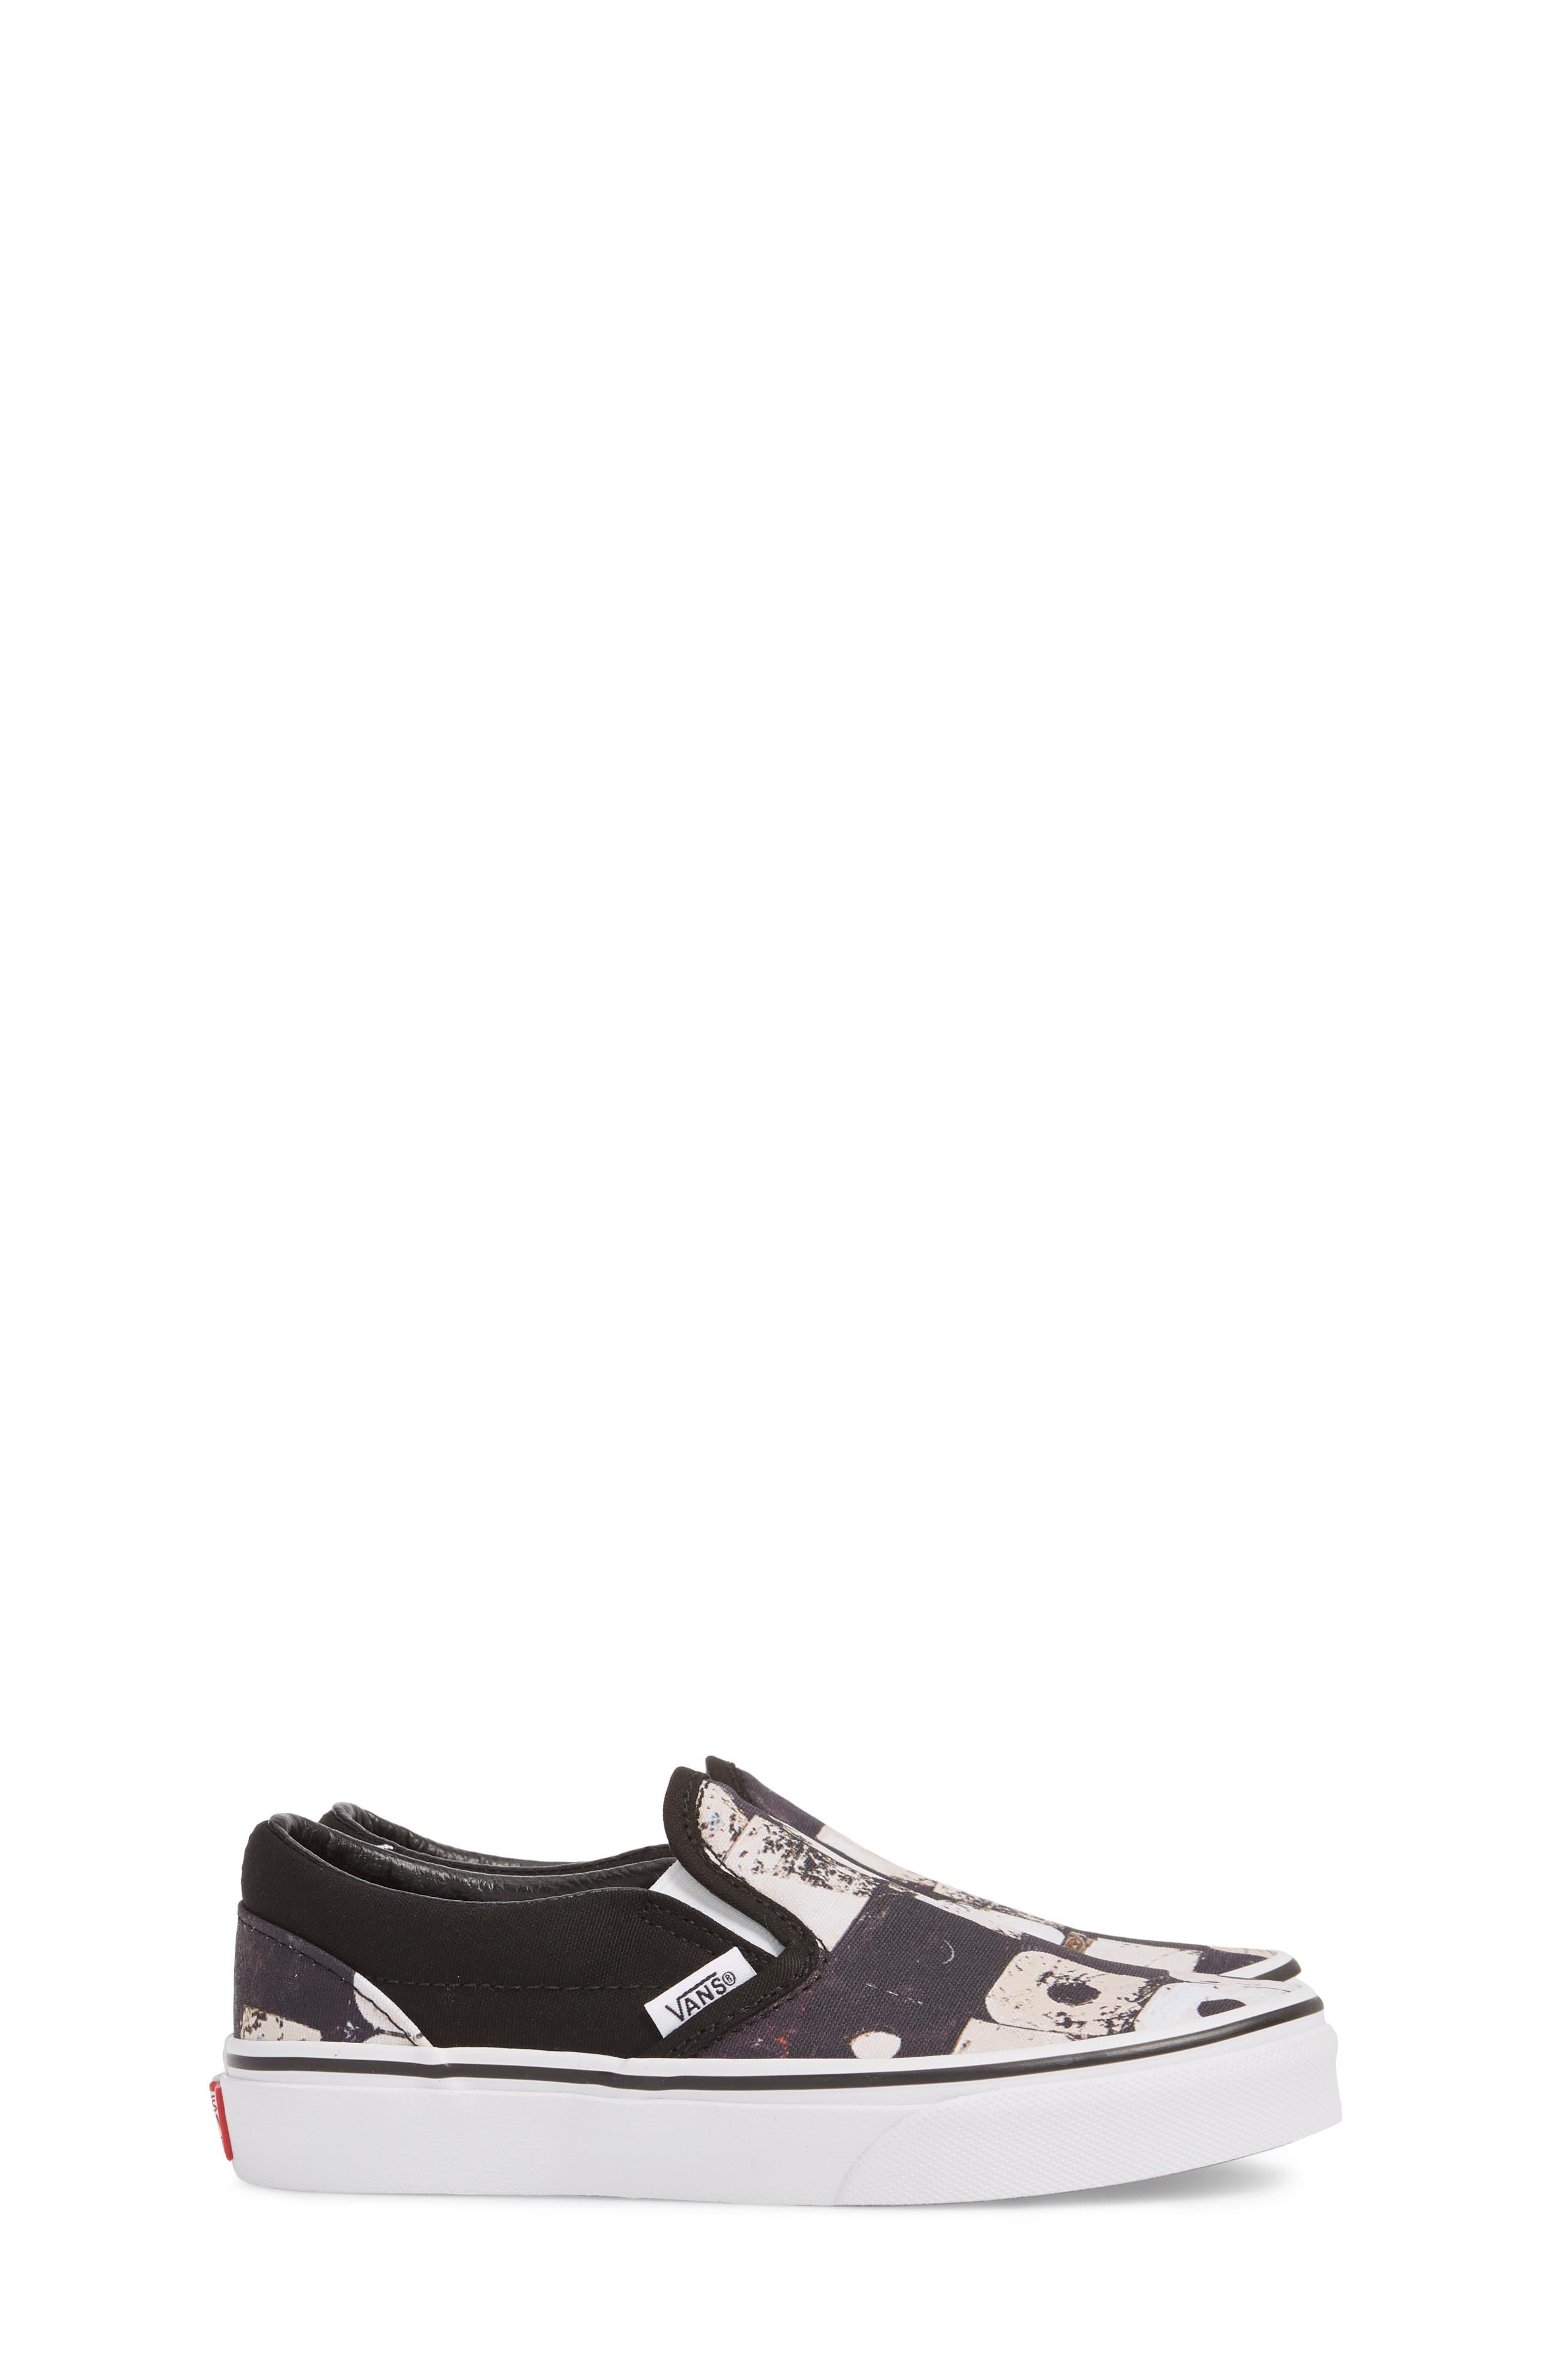 'Classic' Slip-On Sneaker,                             Alternate thumbnail 4, color,                             Black